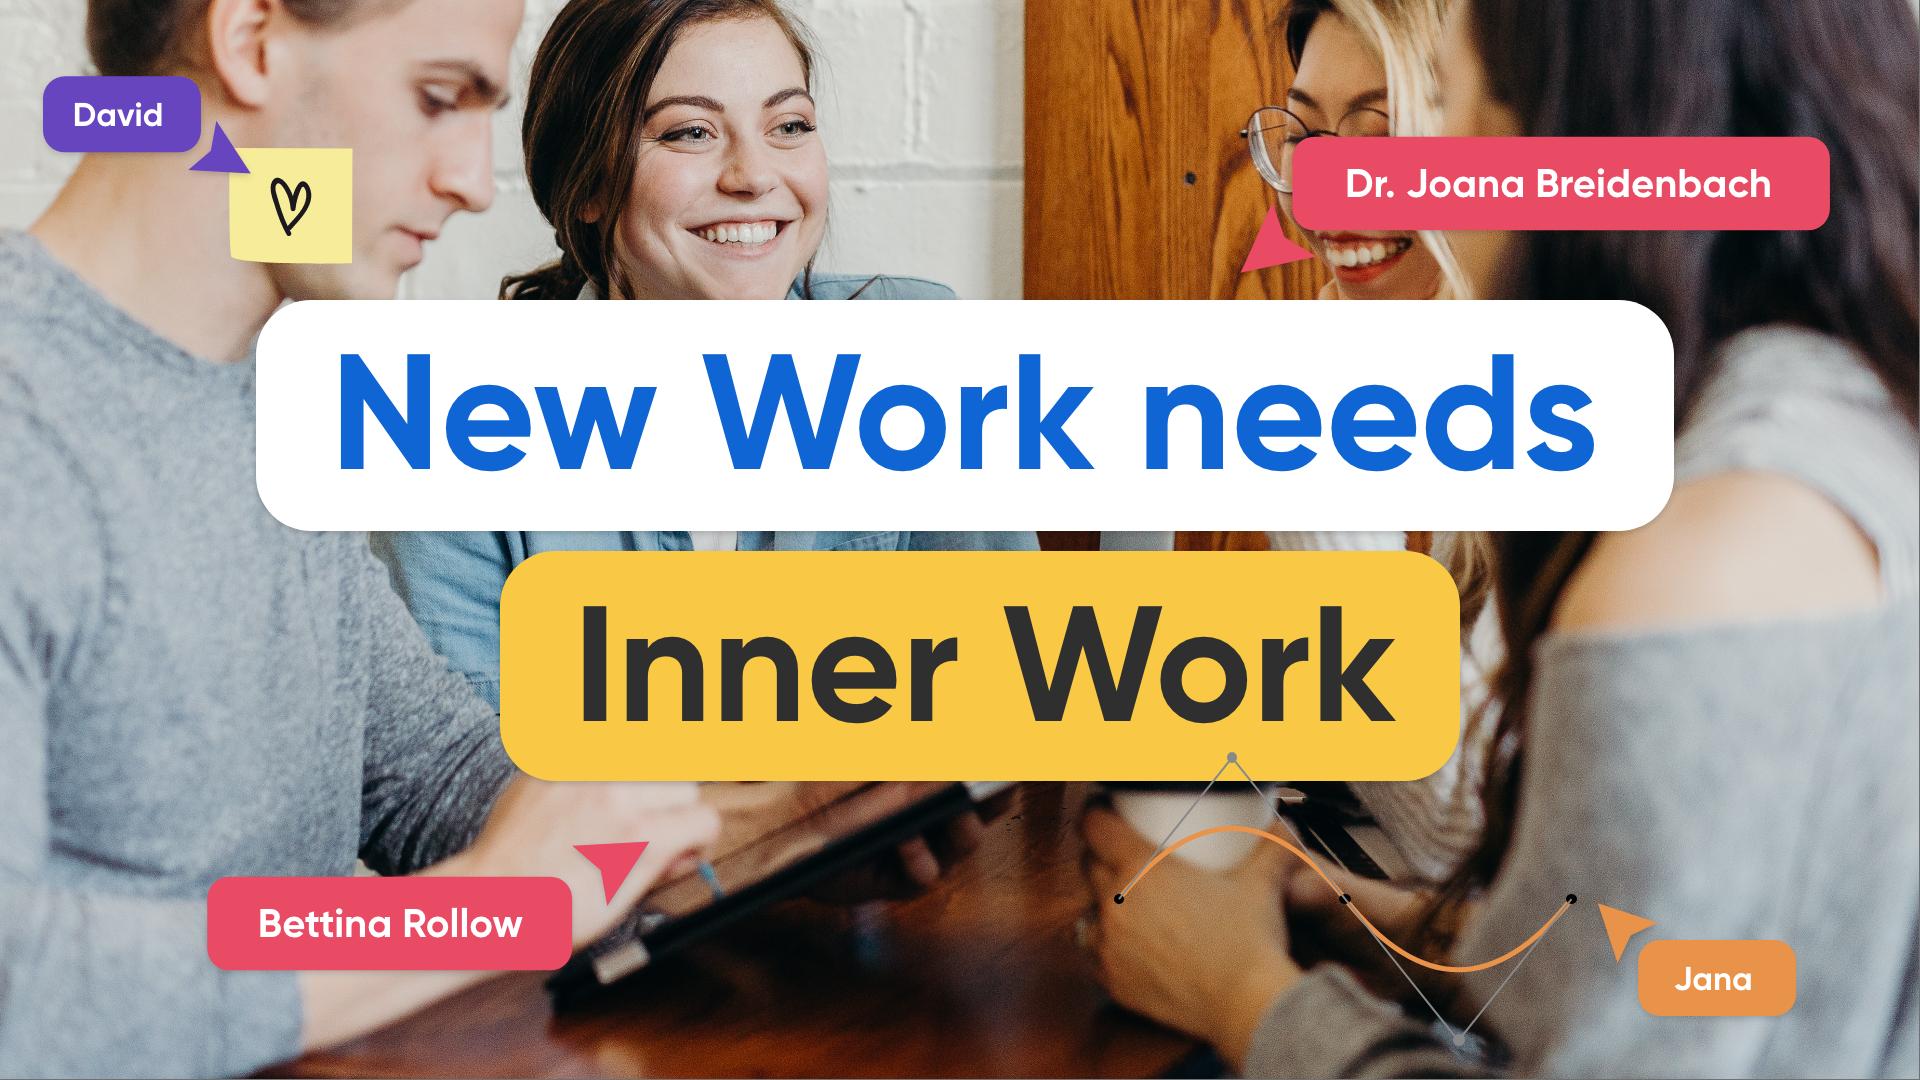 inner-work-1920x1080